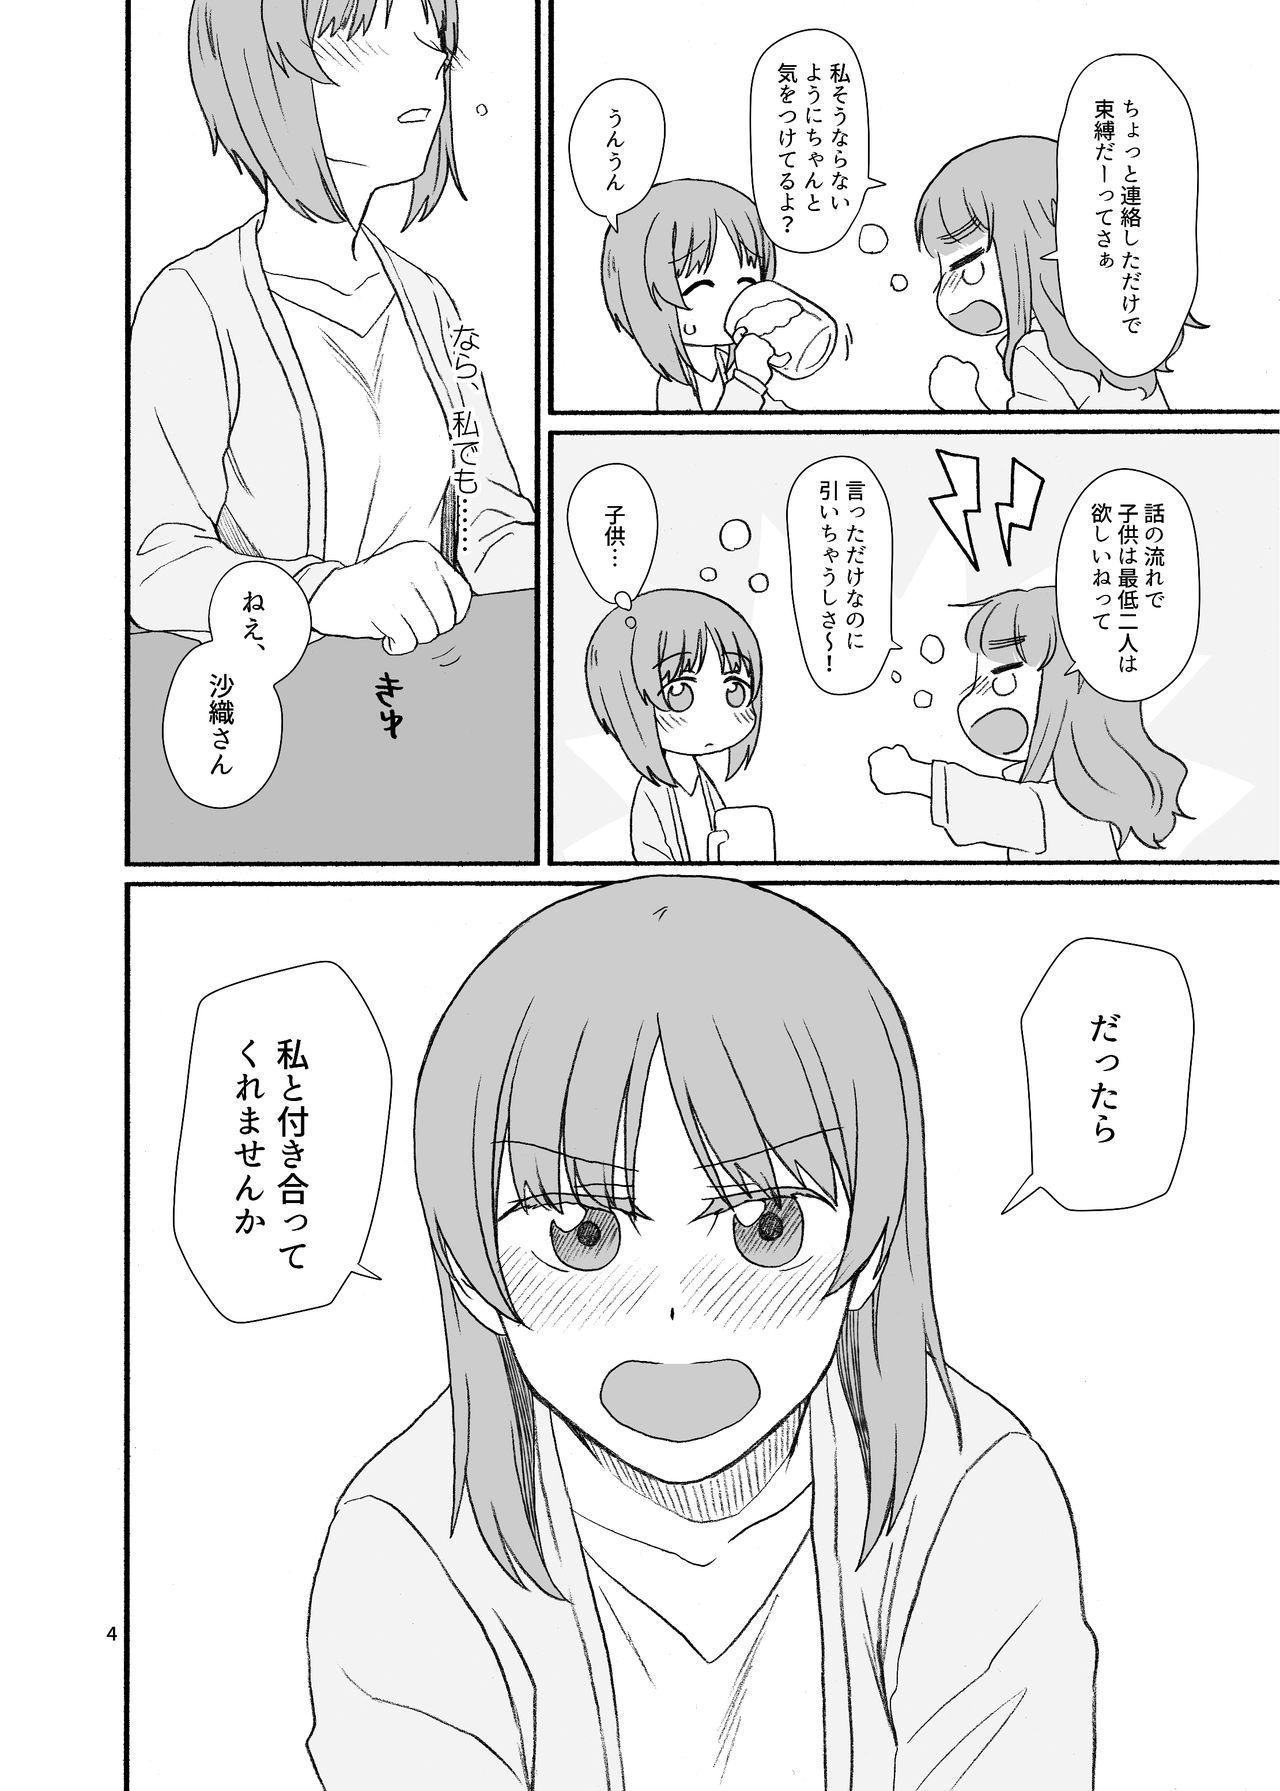 Saori-san, Tsukiatte Kudasai! 2